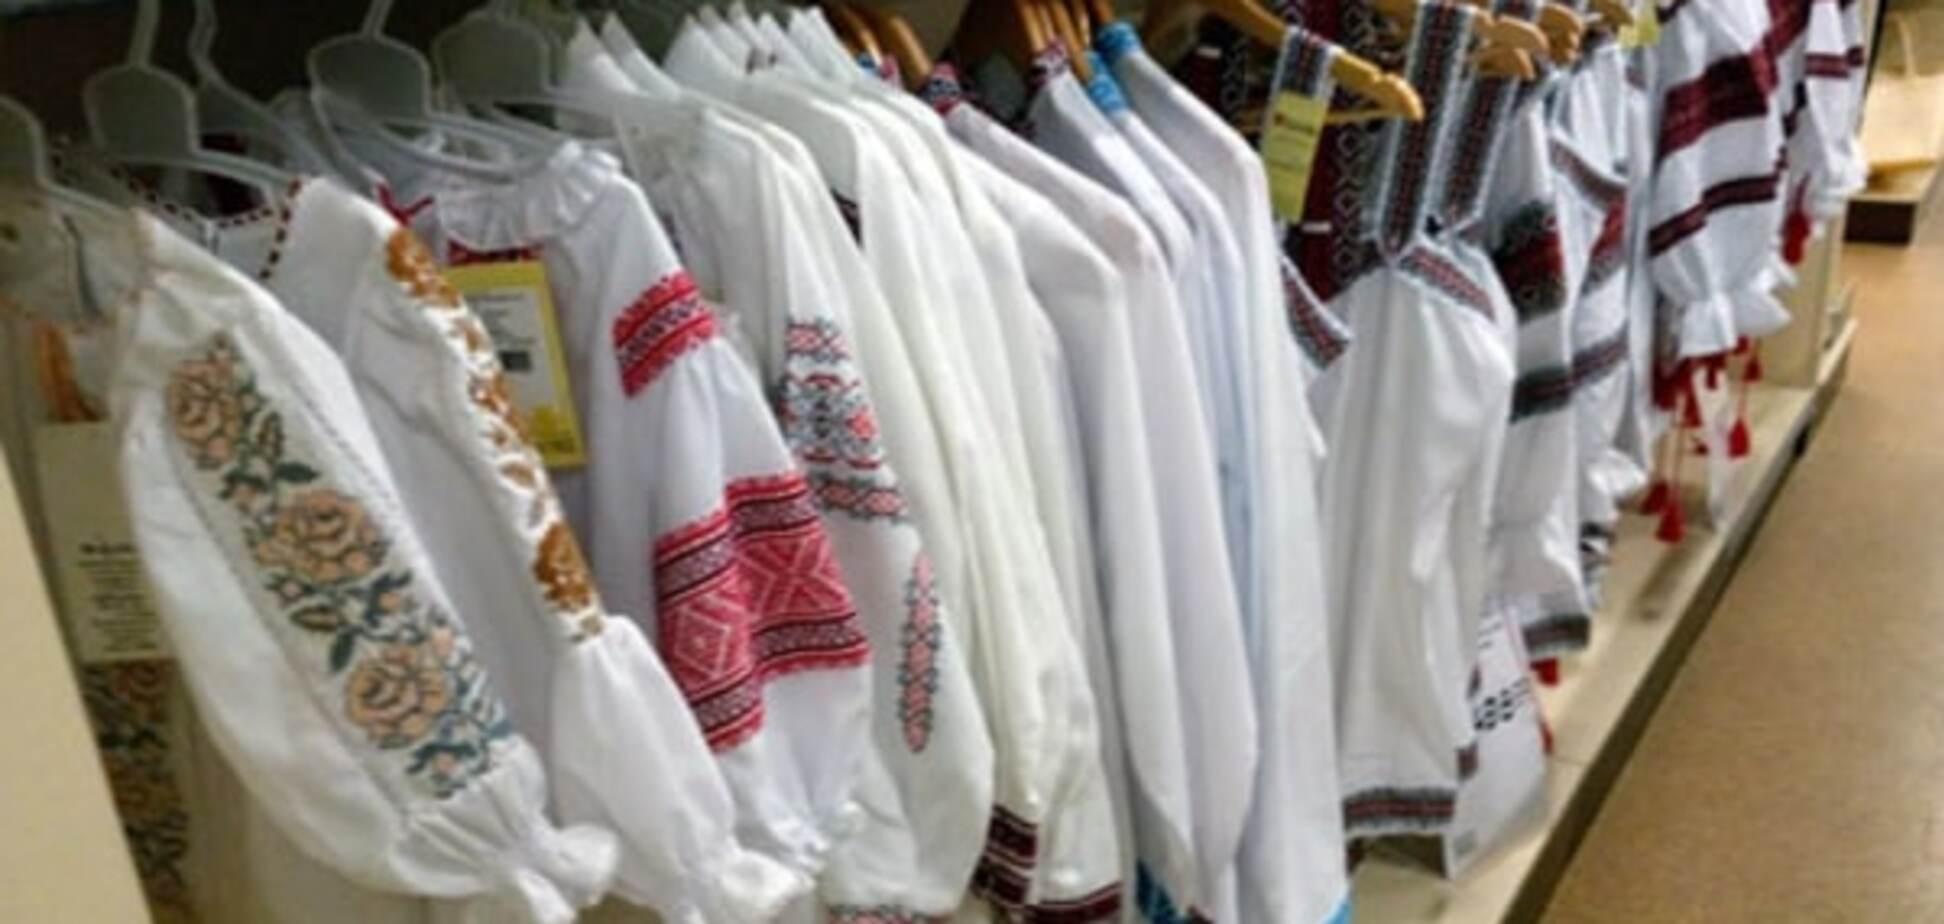 В оккупированном Донецке по акции продают вышиванки: опубликованы фото